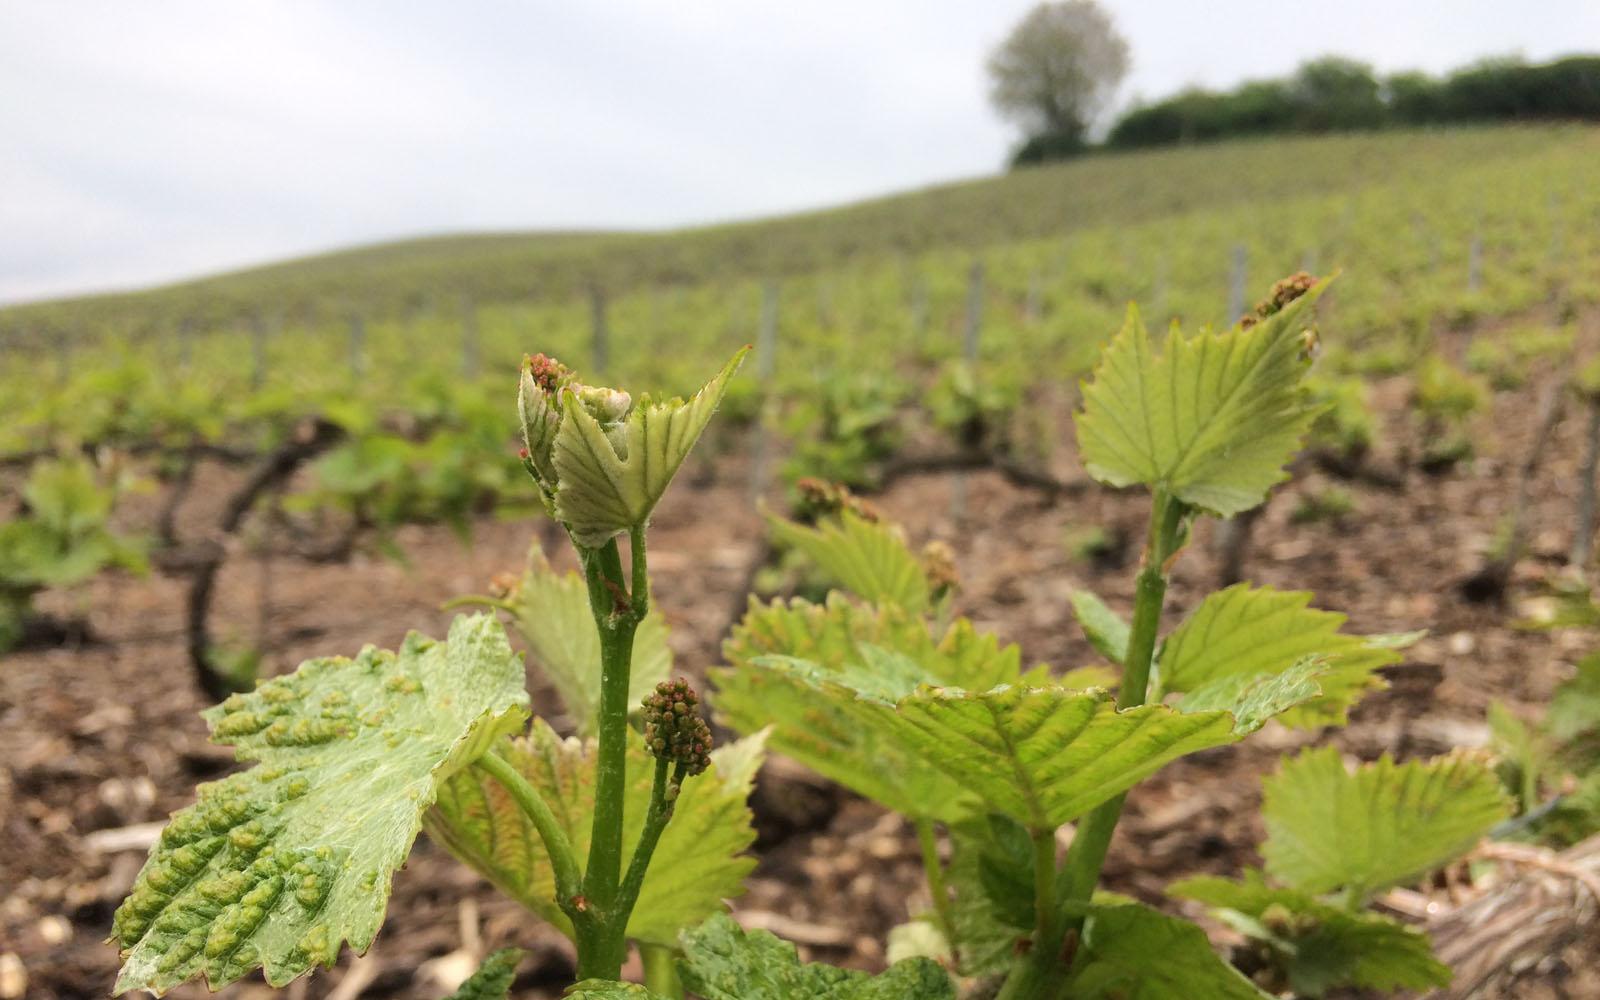 Uno dei molteplici vigneti della regione Champagne, in Francia.